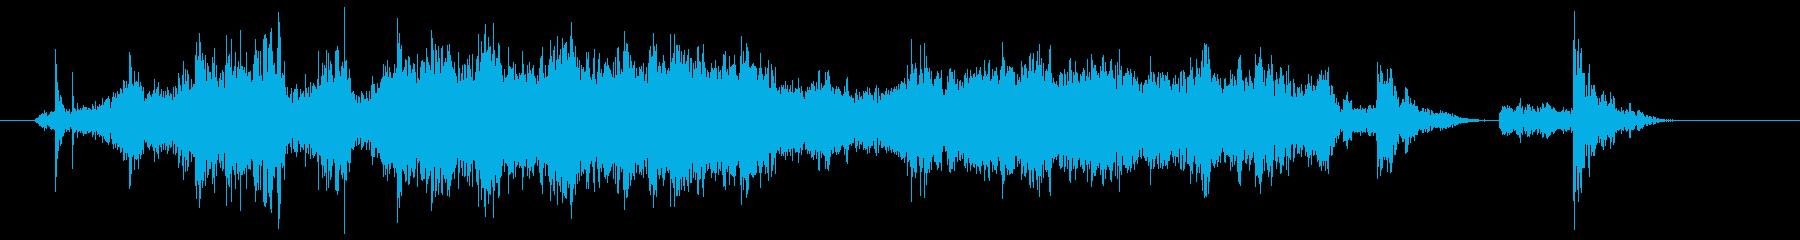 ザートン(金属製の軽い網戸を閉める音)の再生済みの波形